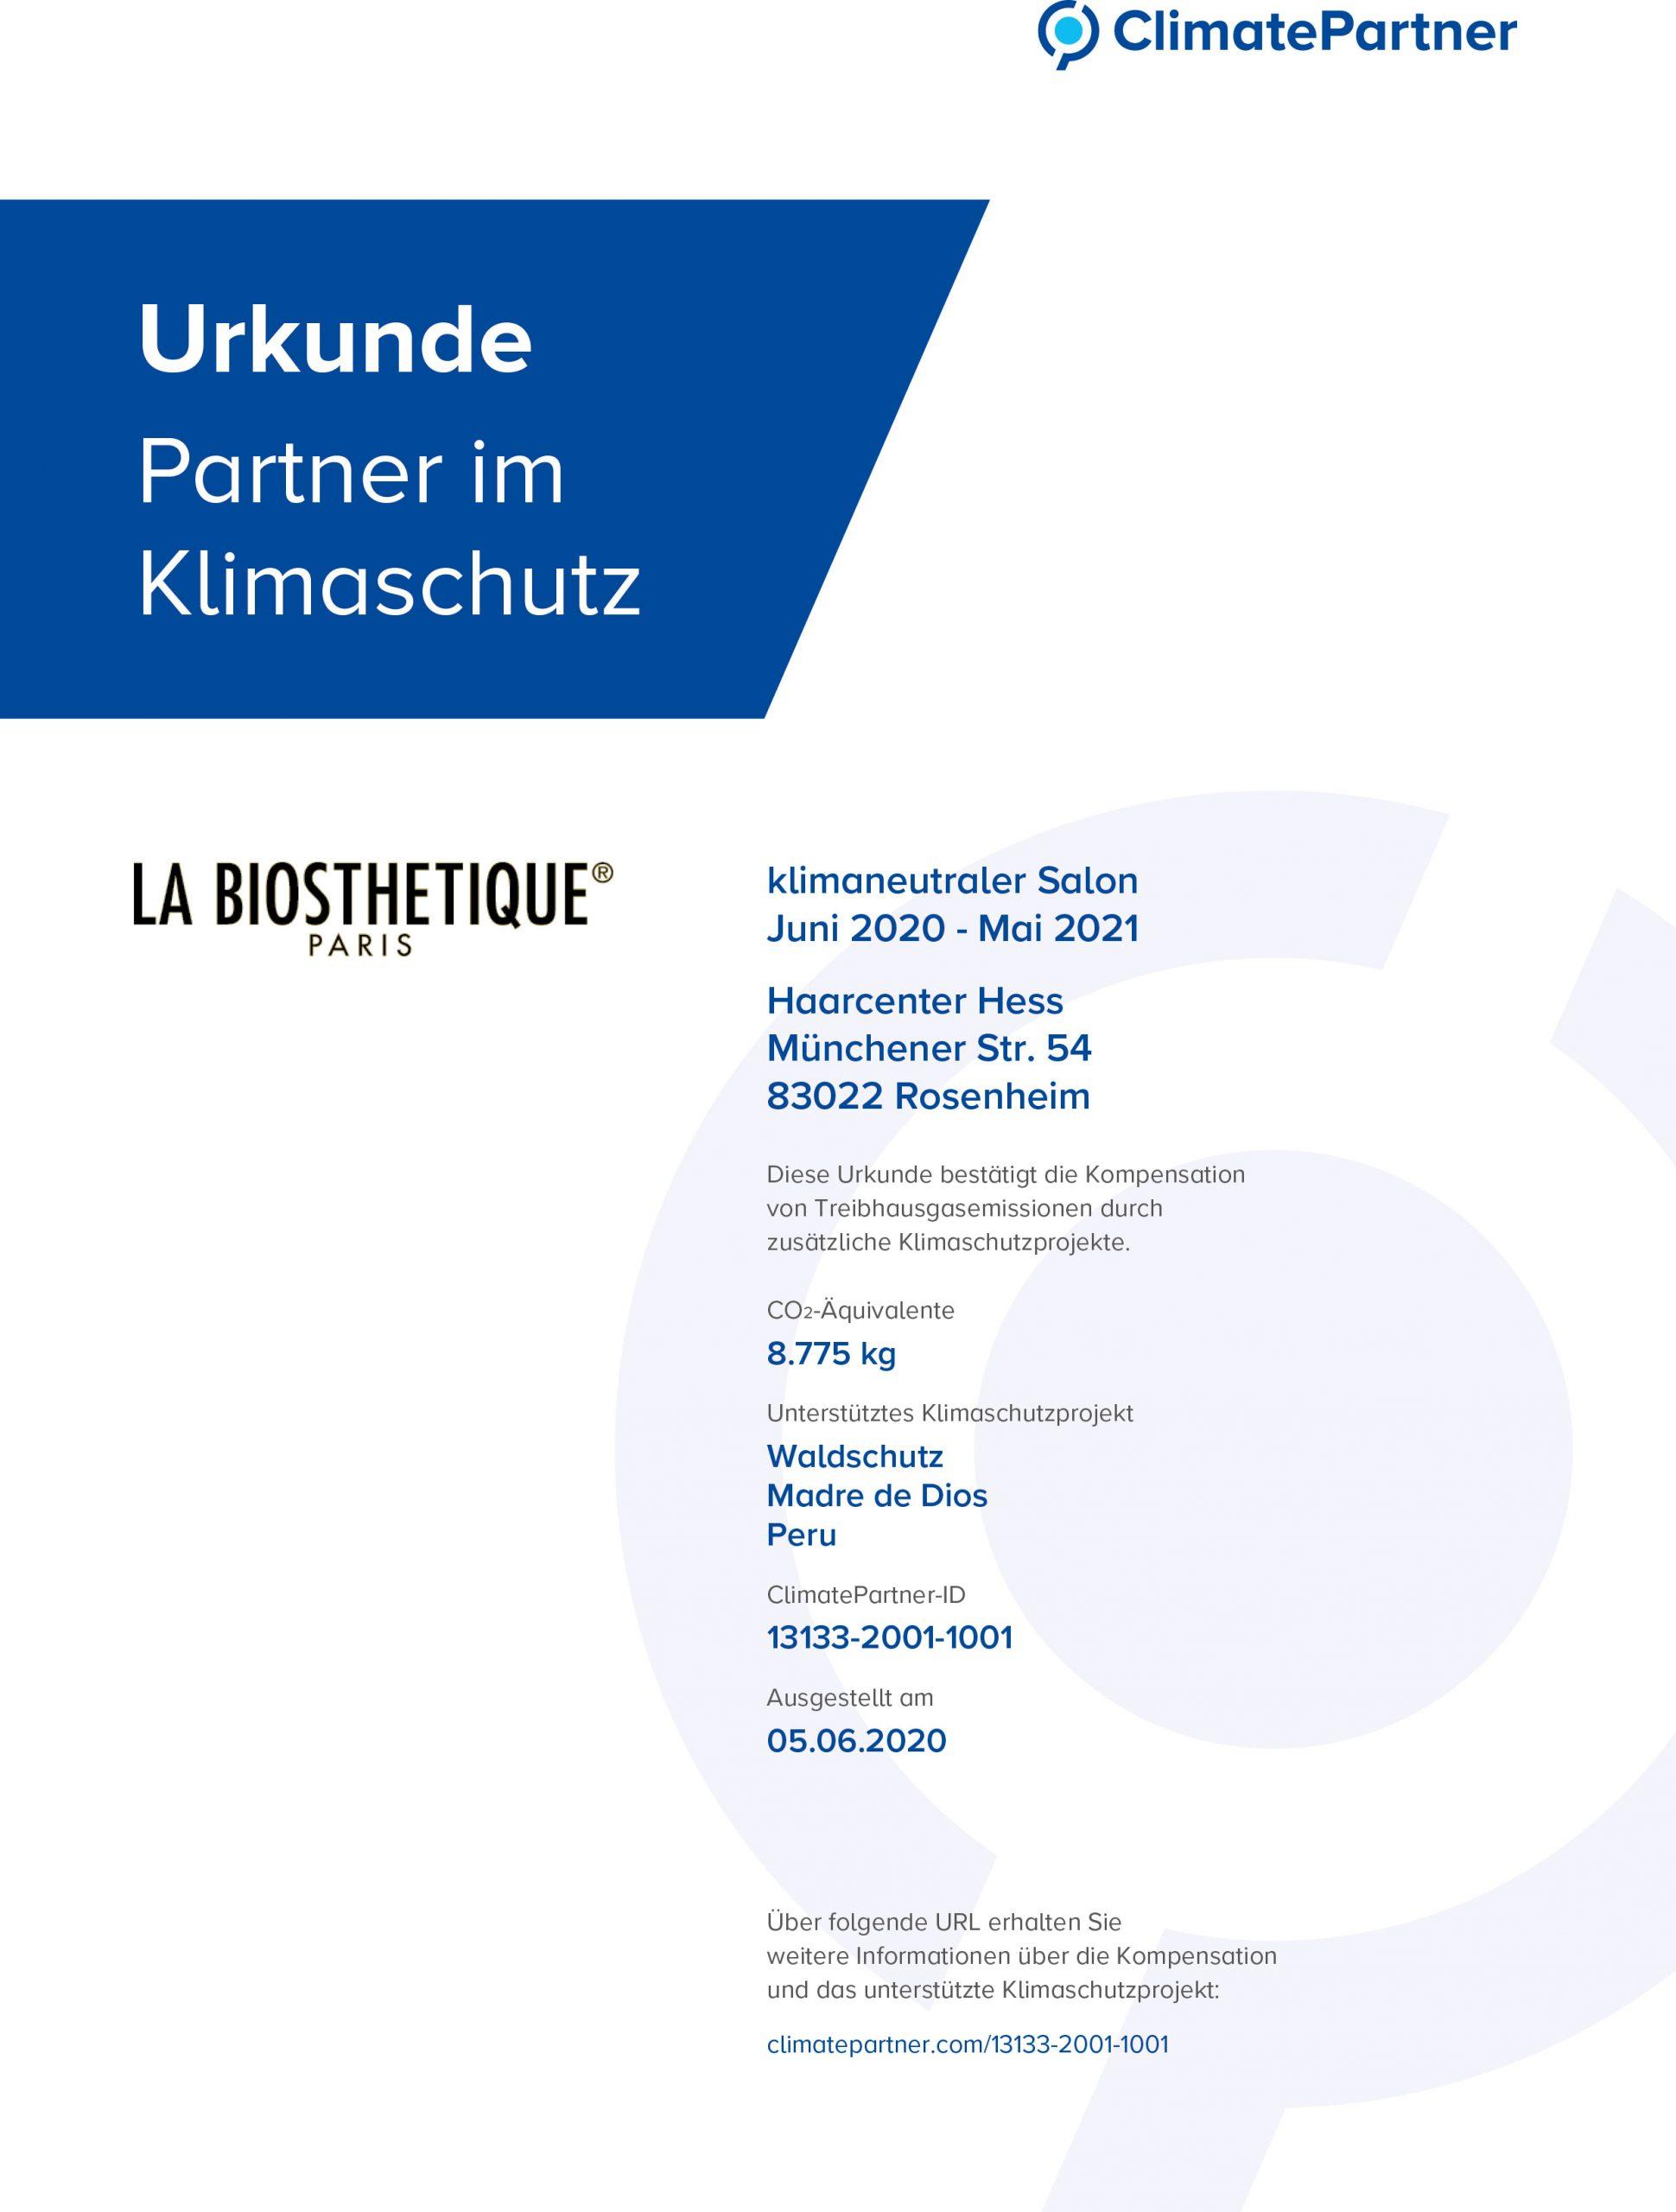 Zertifikat für Klimaneutralen Salon | Haarcenter Hess